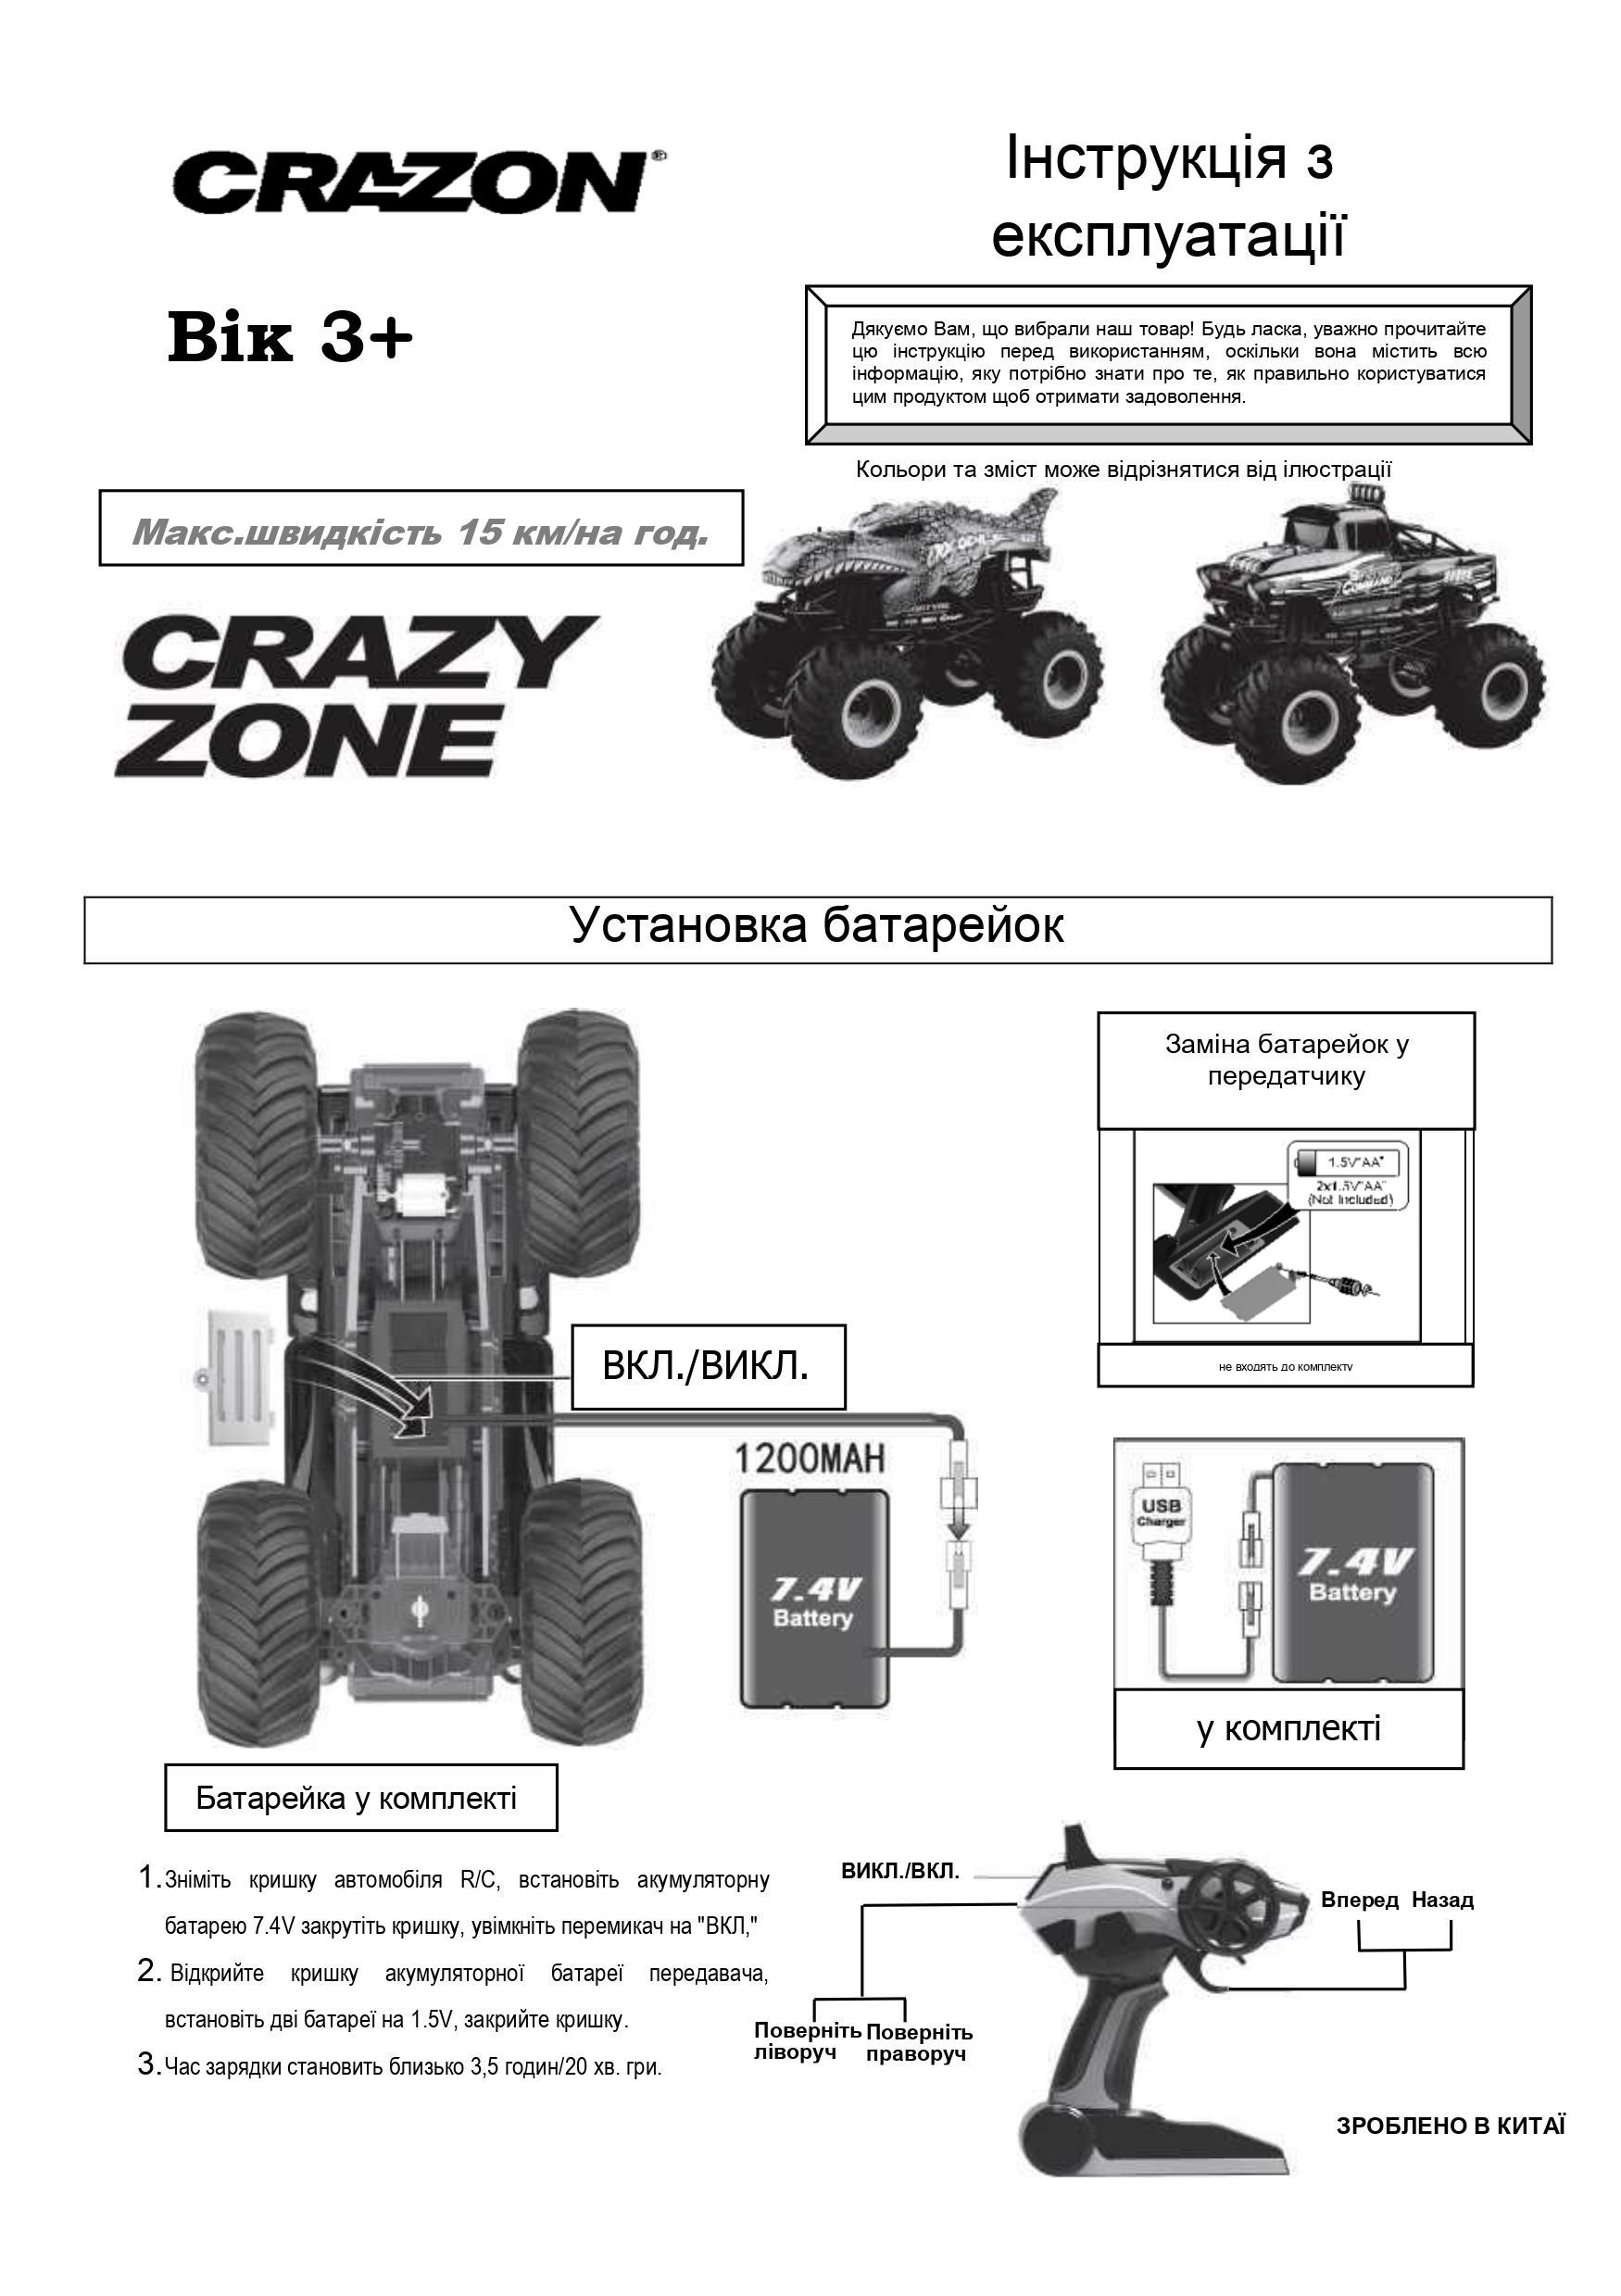 Фото Перевод инструкции к радиоуправляемой машинке с английского на украинский (стр 1)